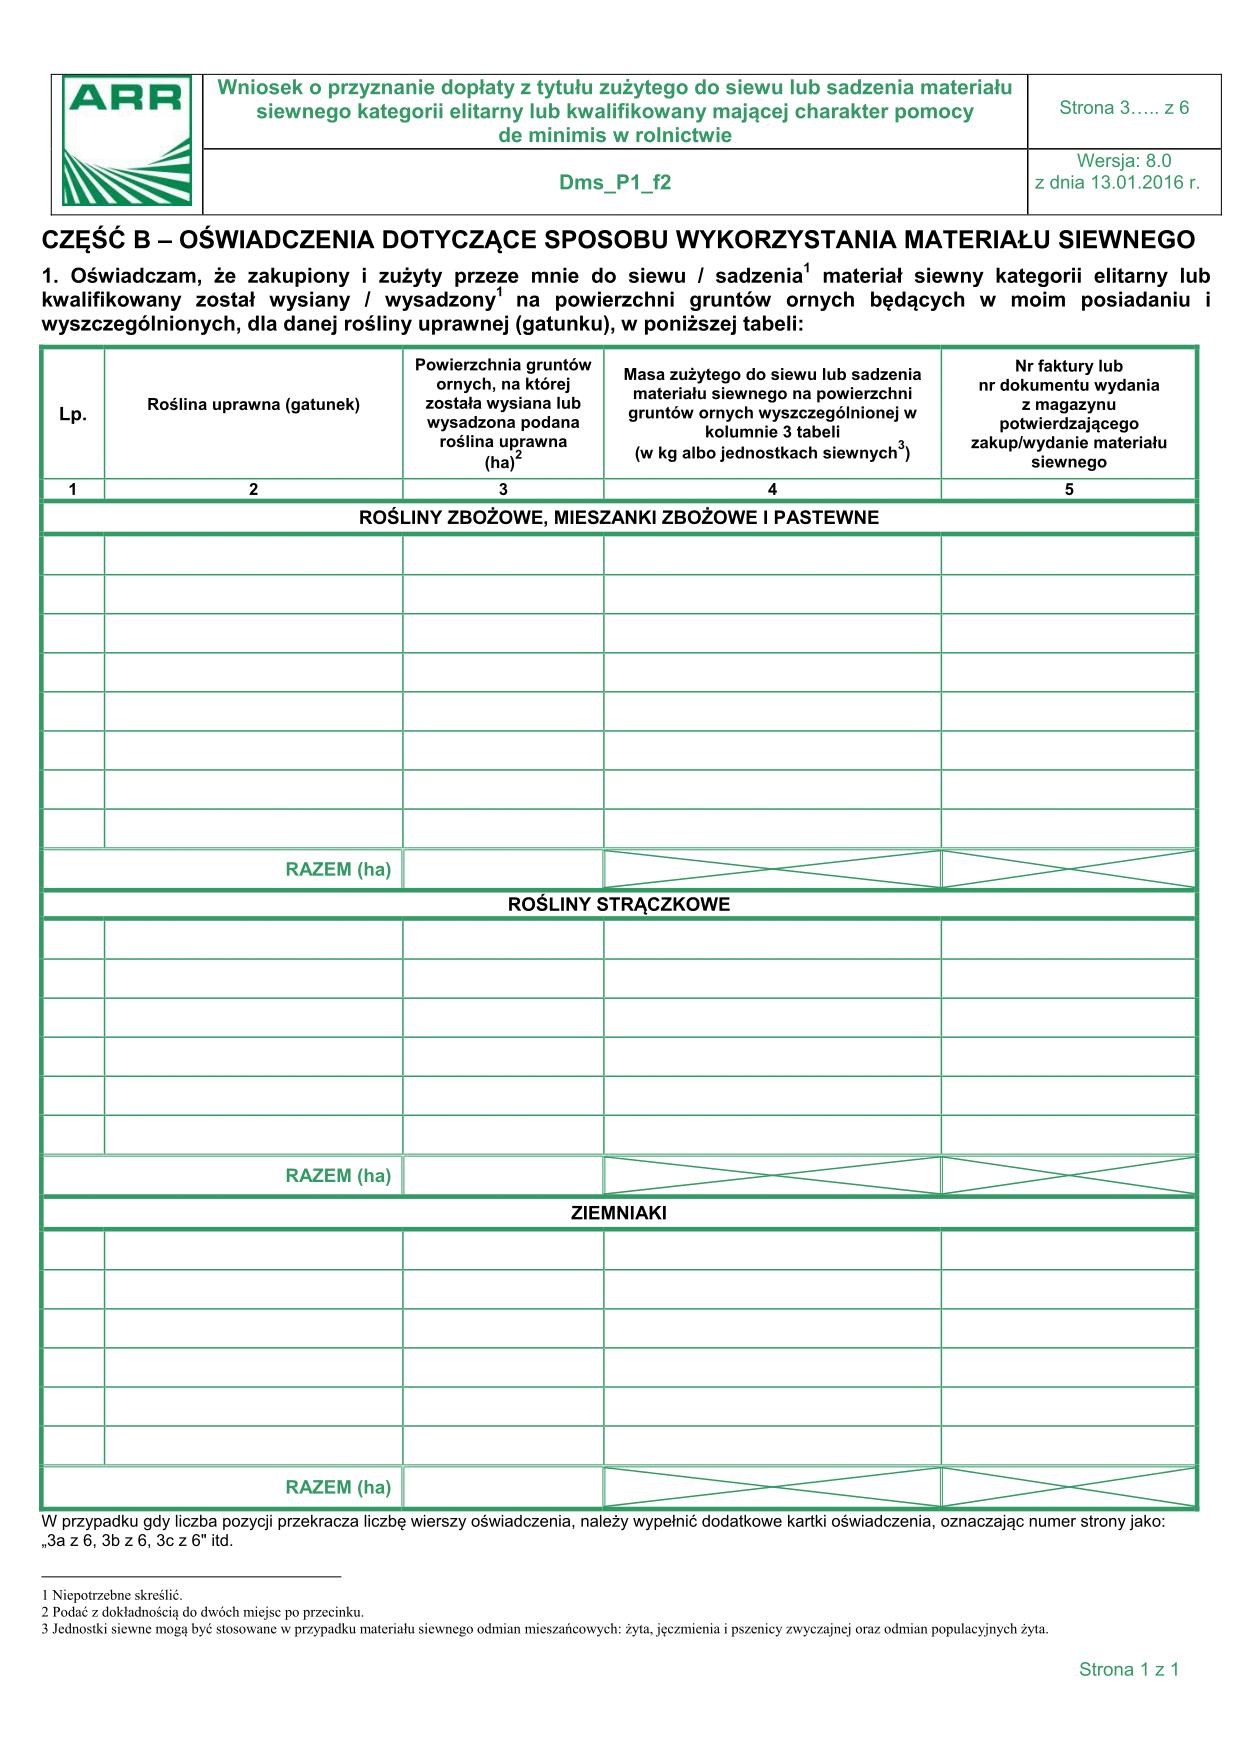 Dms_P1_f2 - str 3 (archiwalny) Oświadczenie dotyczące sposobu wykorzystania materiału siewnego